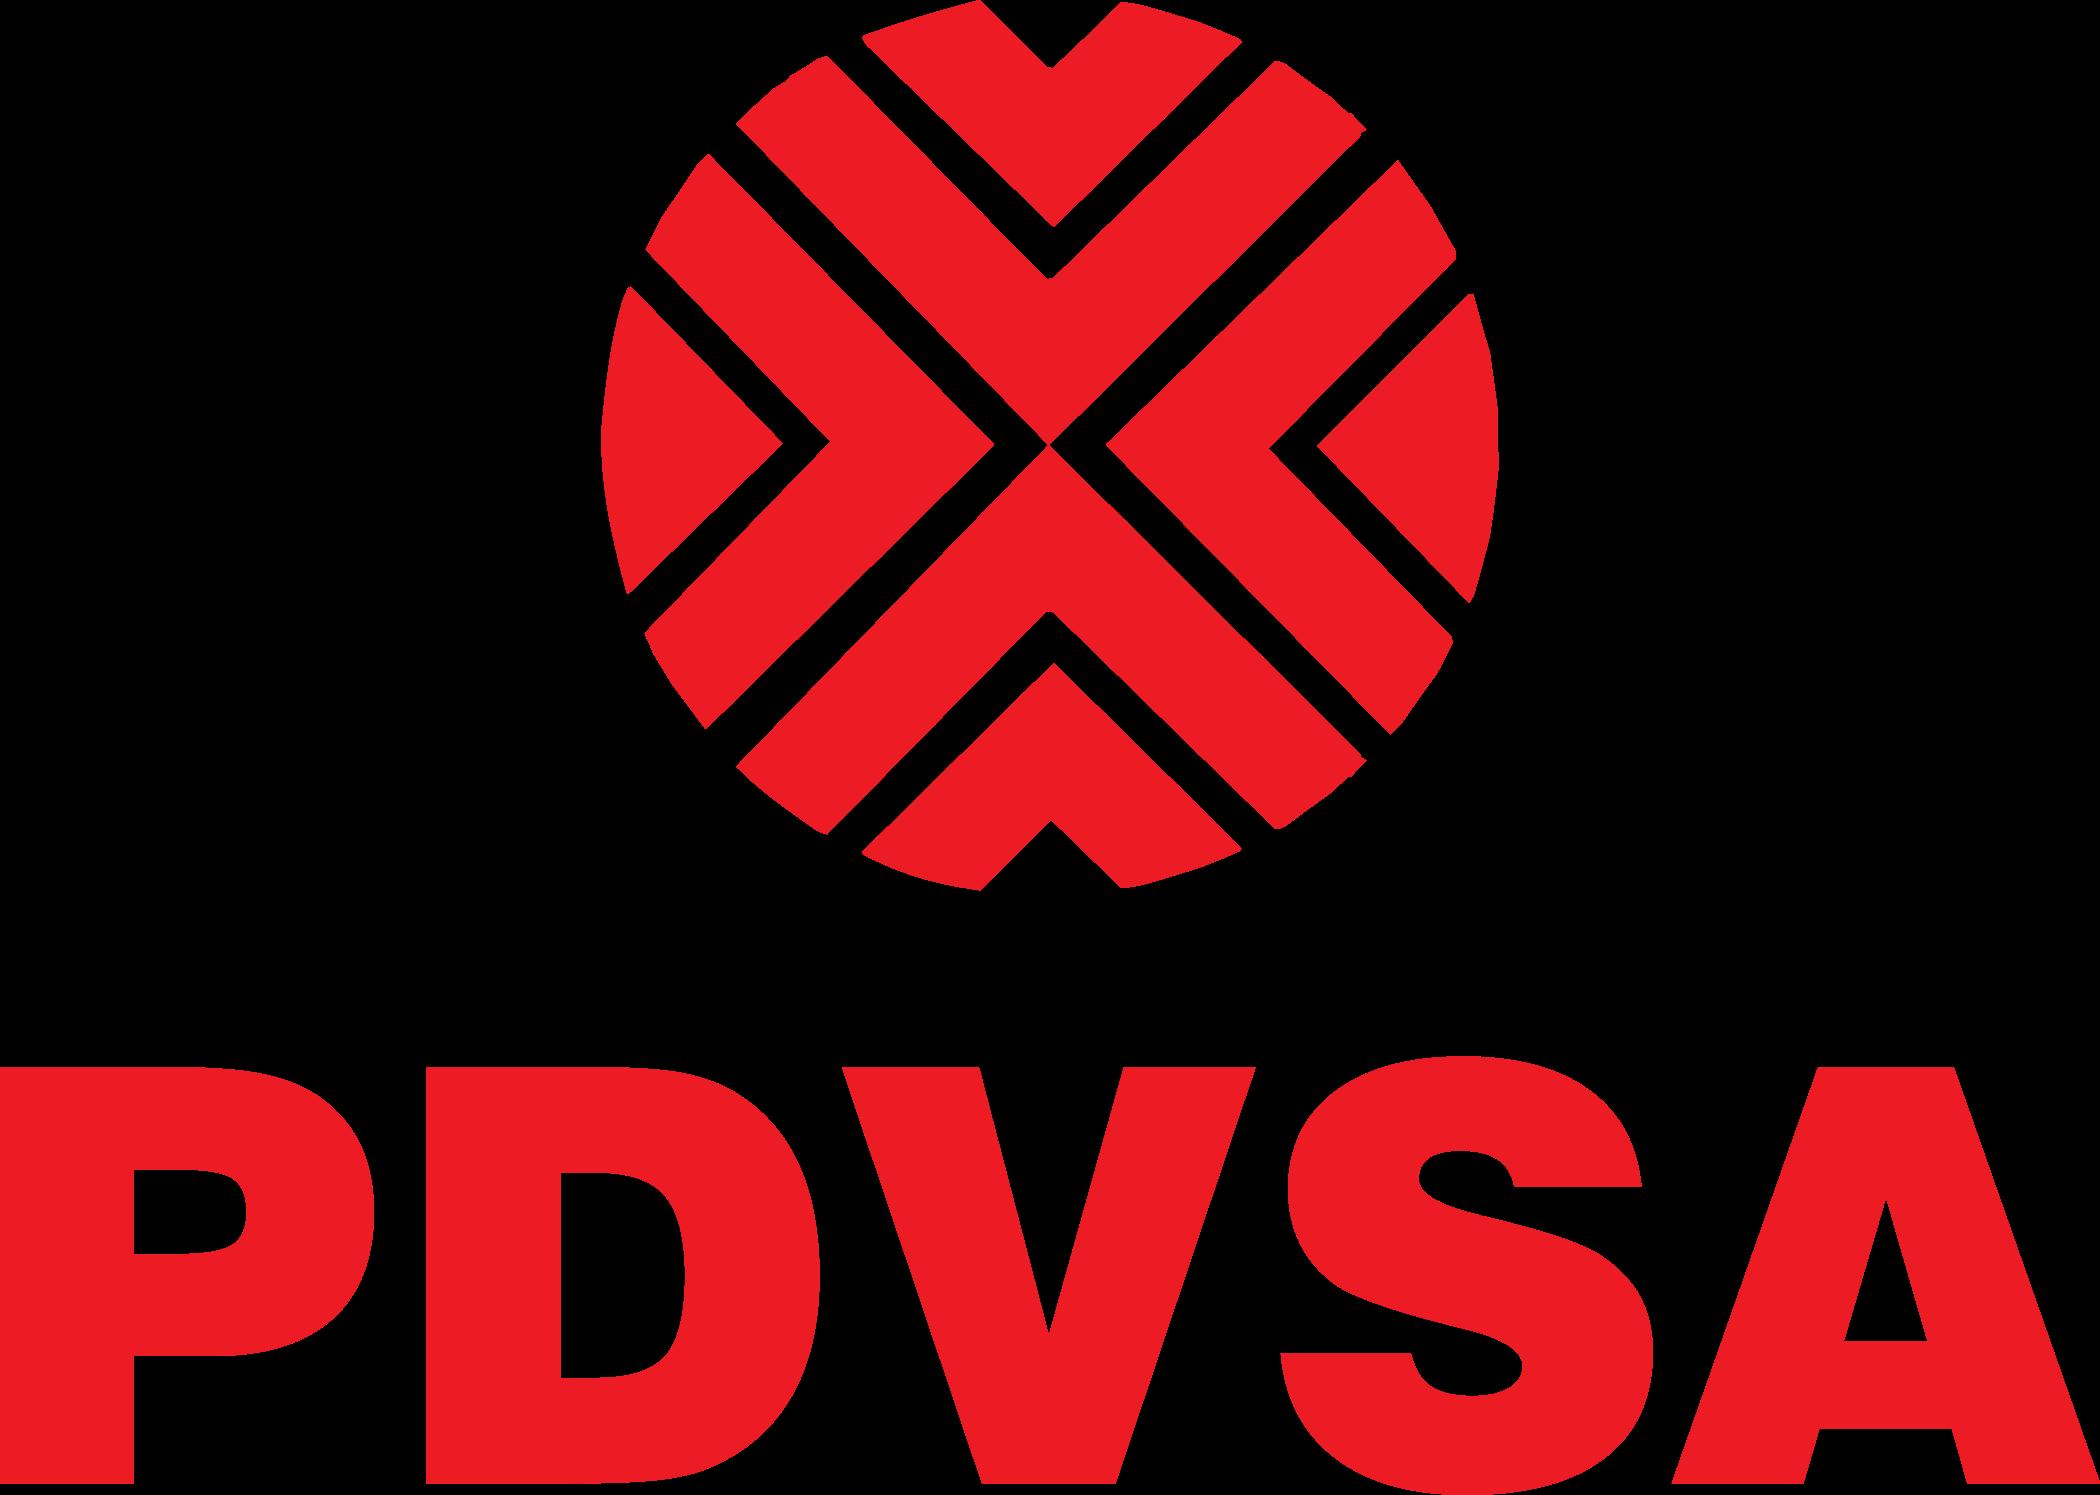 pdvsa-logo-11